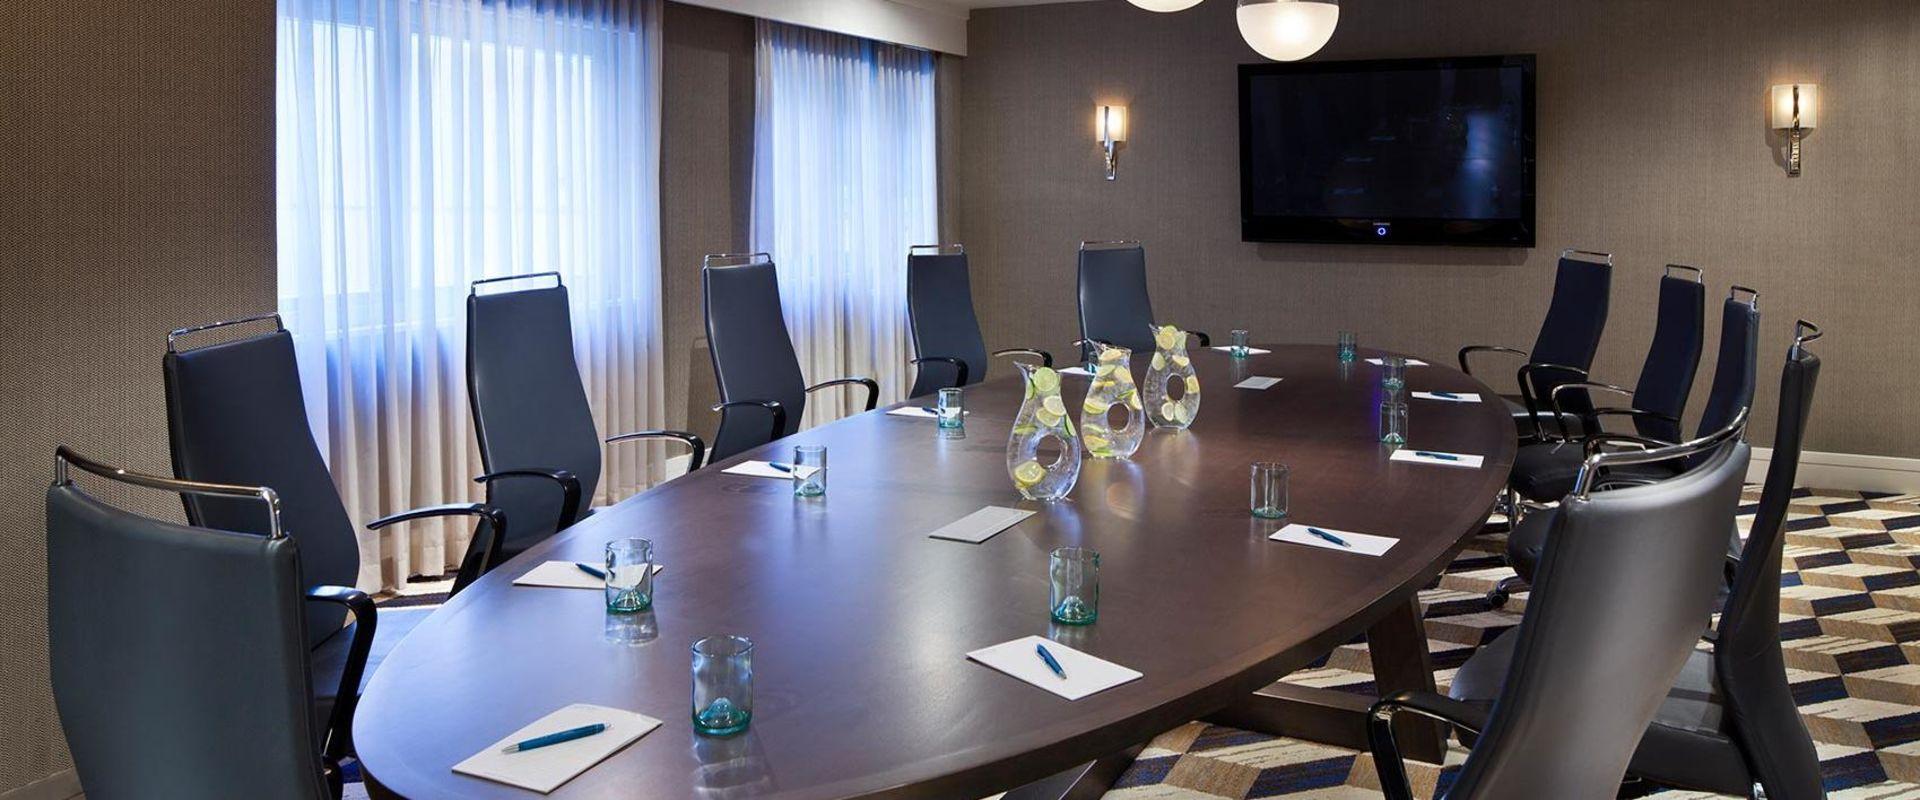 Dupont Circle Boardroom